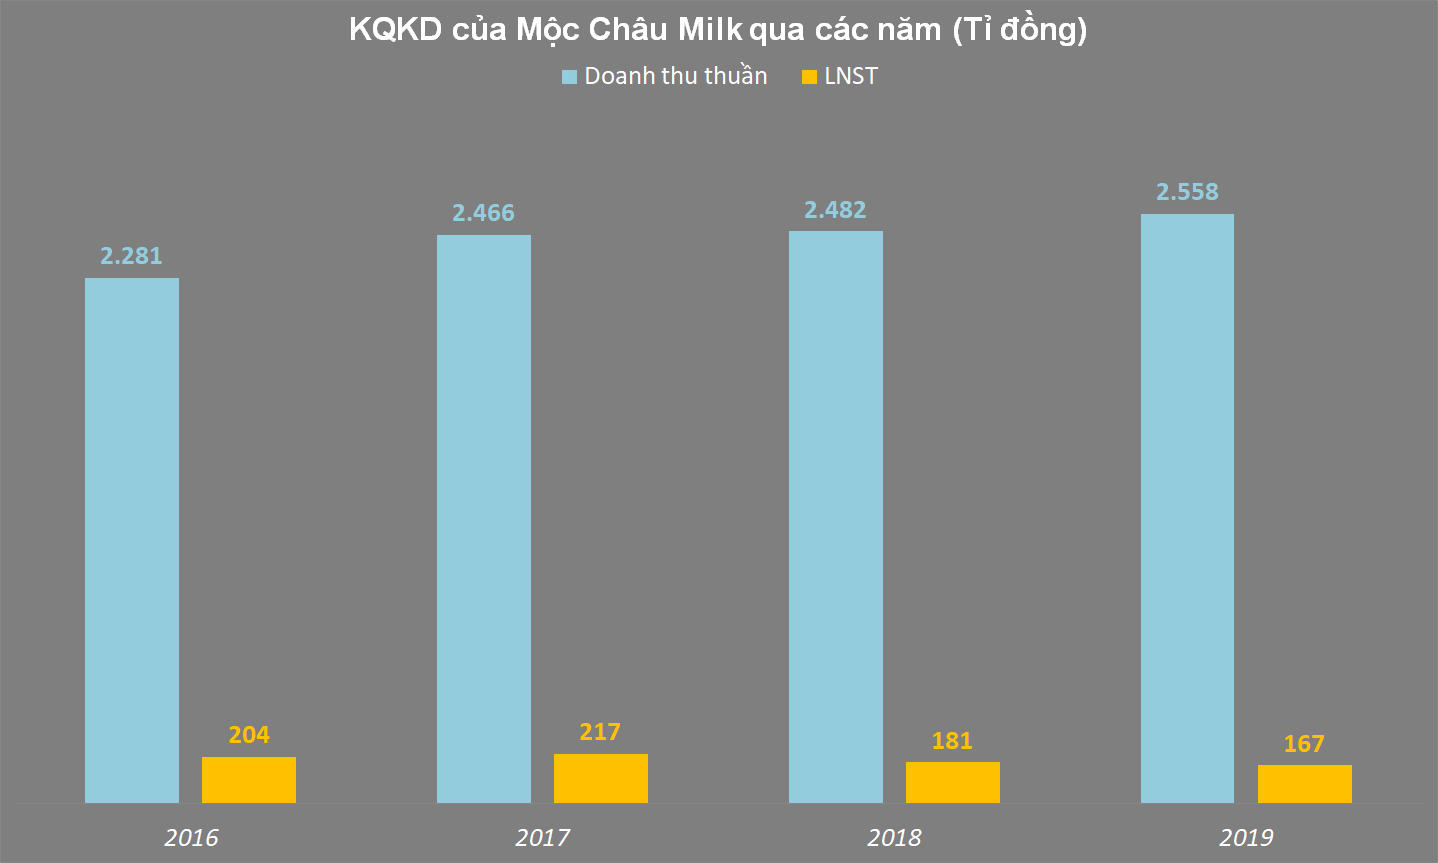 Hé lộ kết quả kinh doanh của Mộc Châu Milk trước khi về với Vinamilk - Ảnh 1.